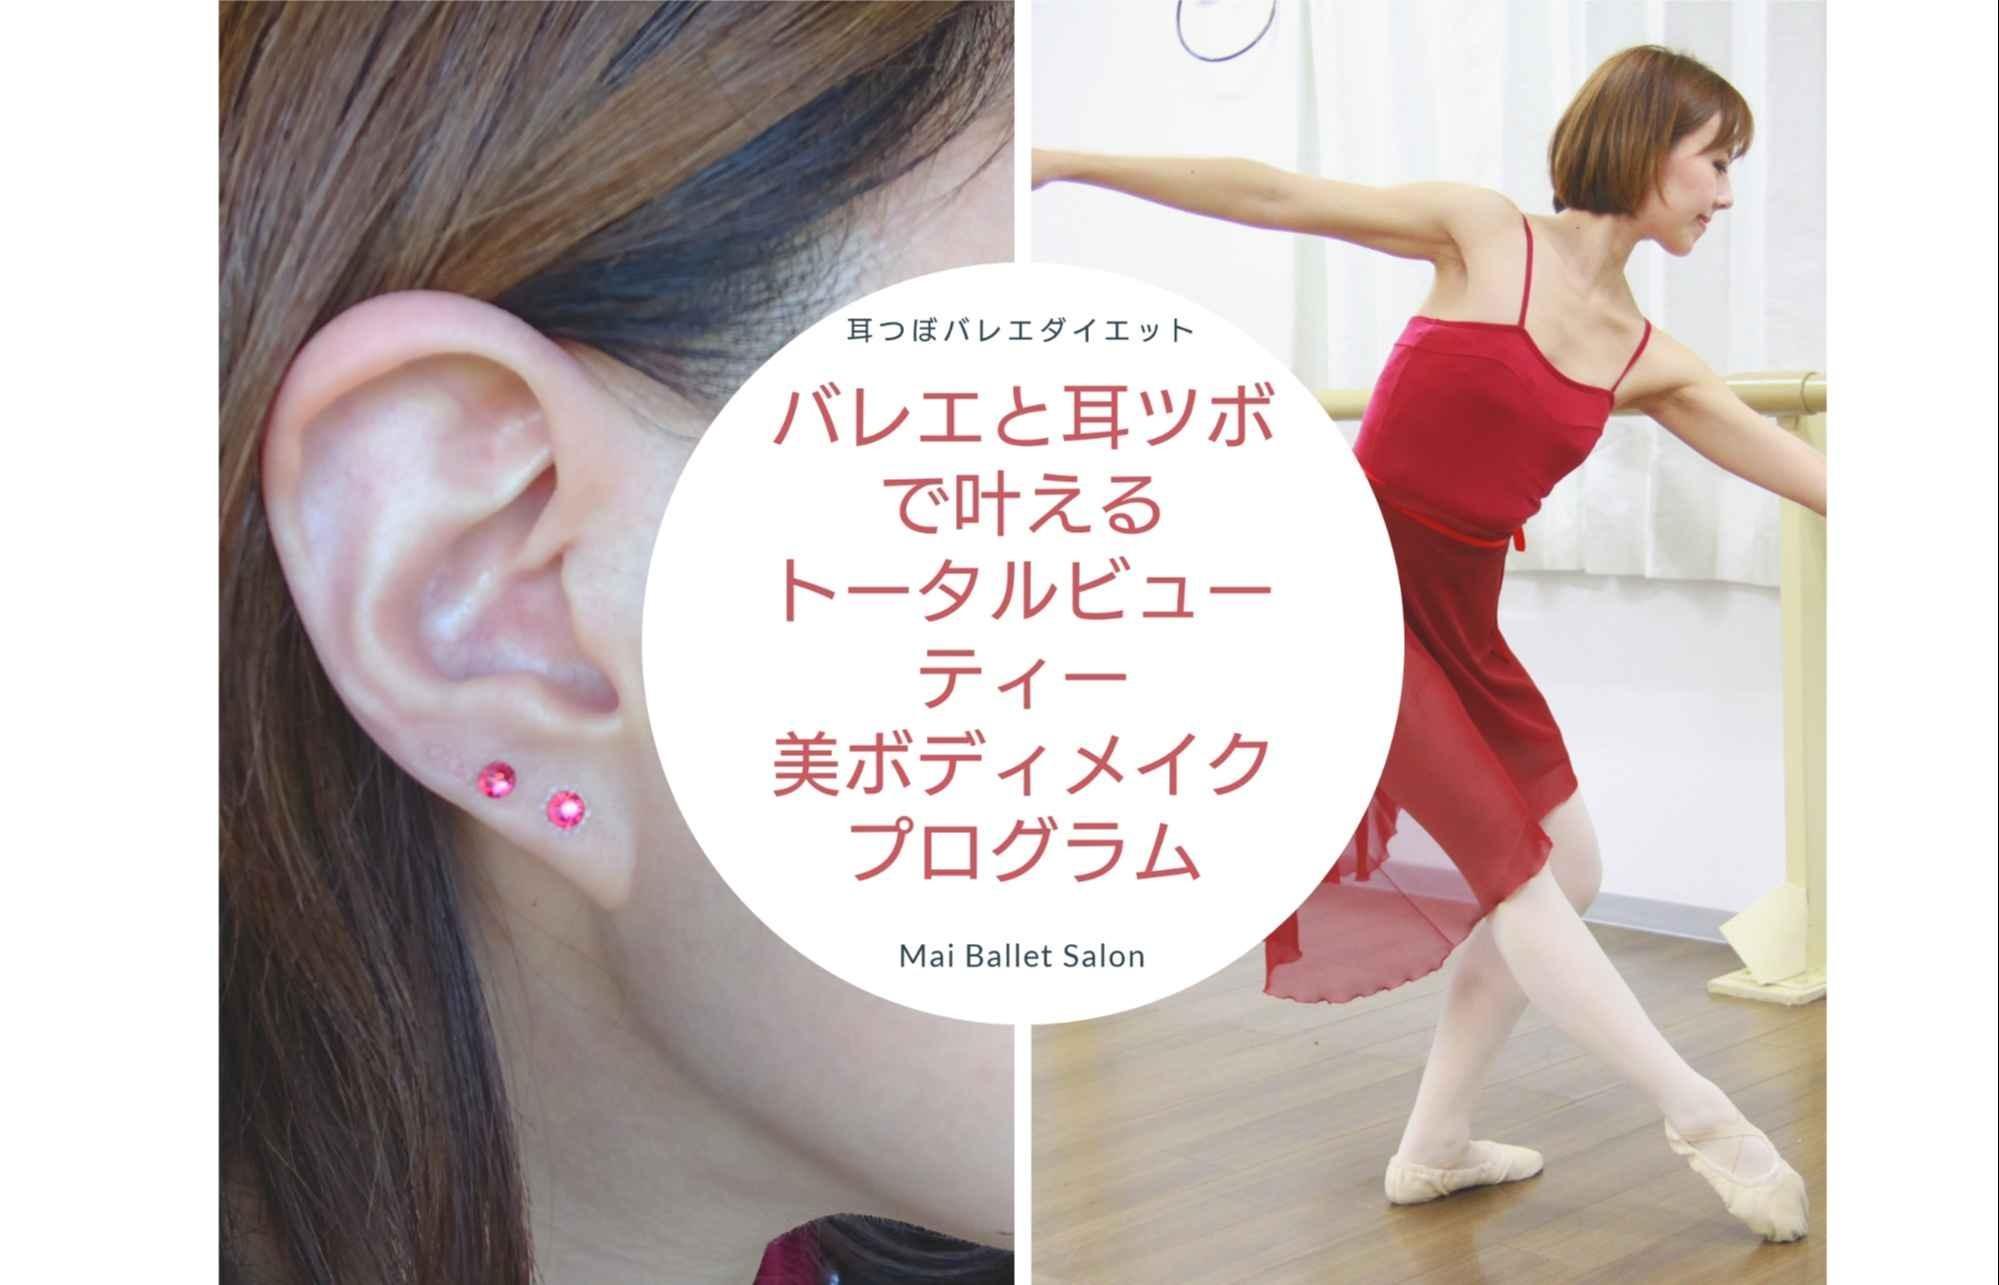 バレエと耳ツボでトータルビューティー!